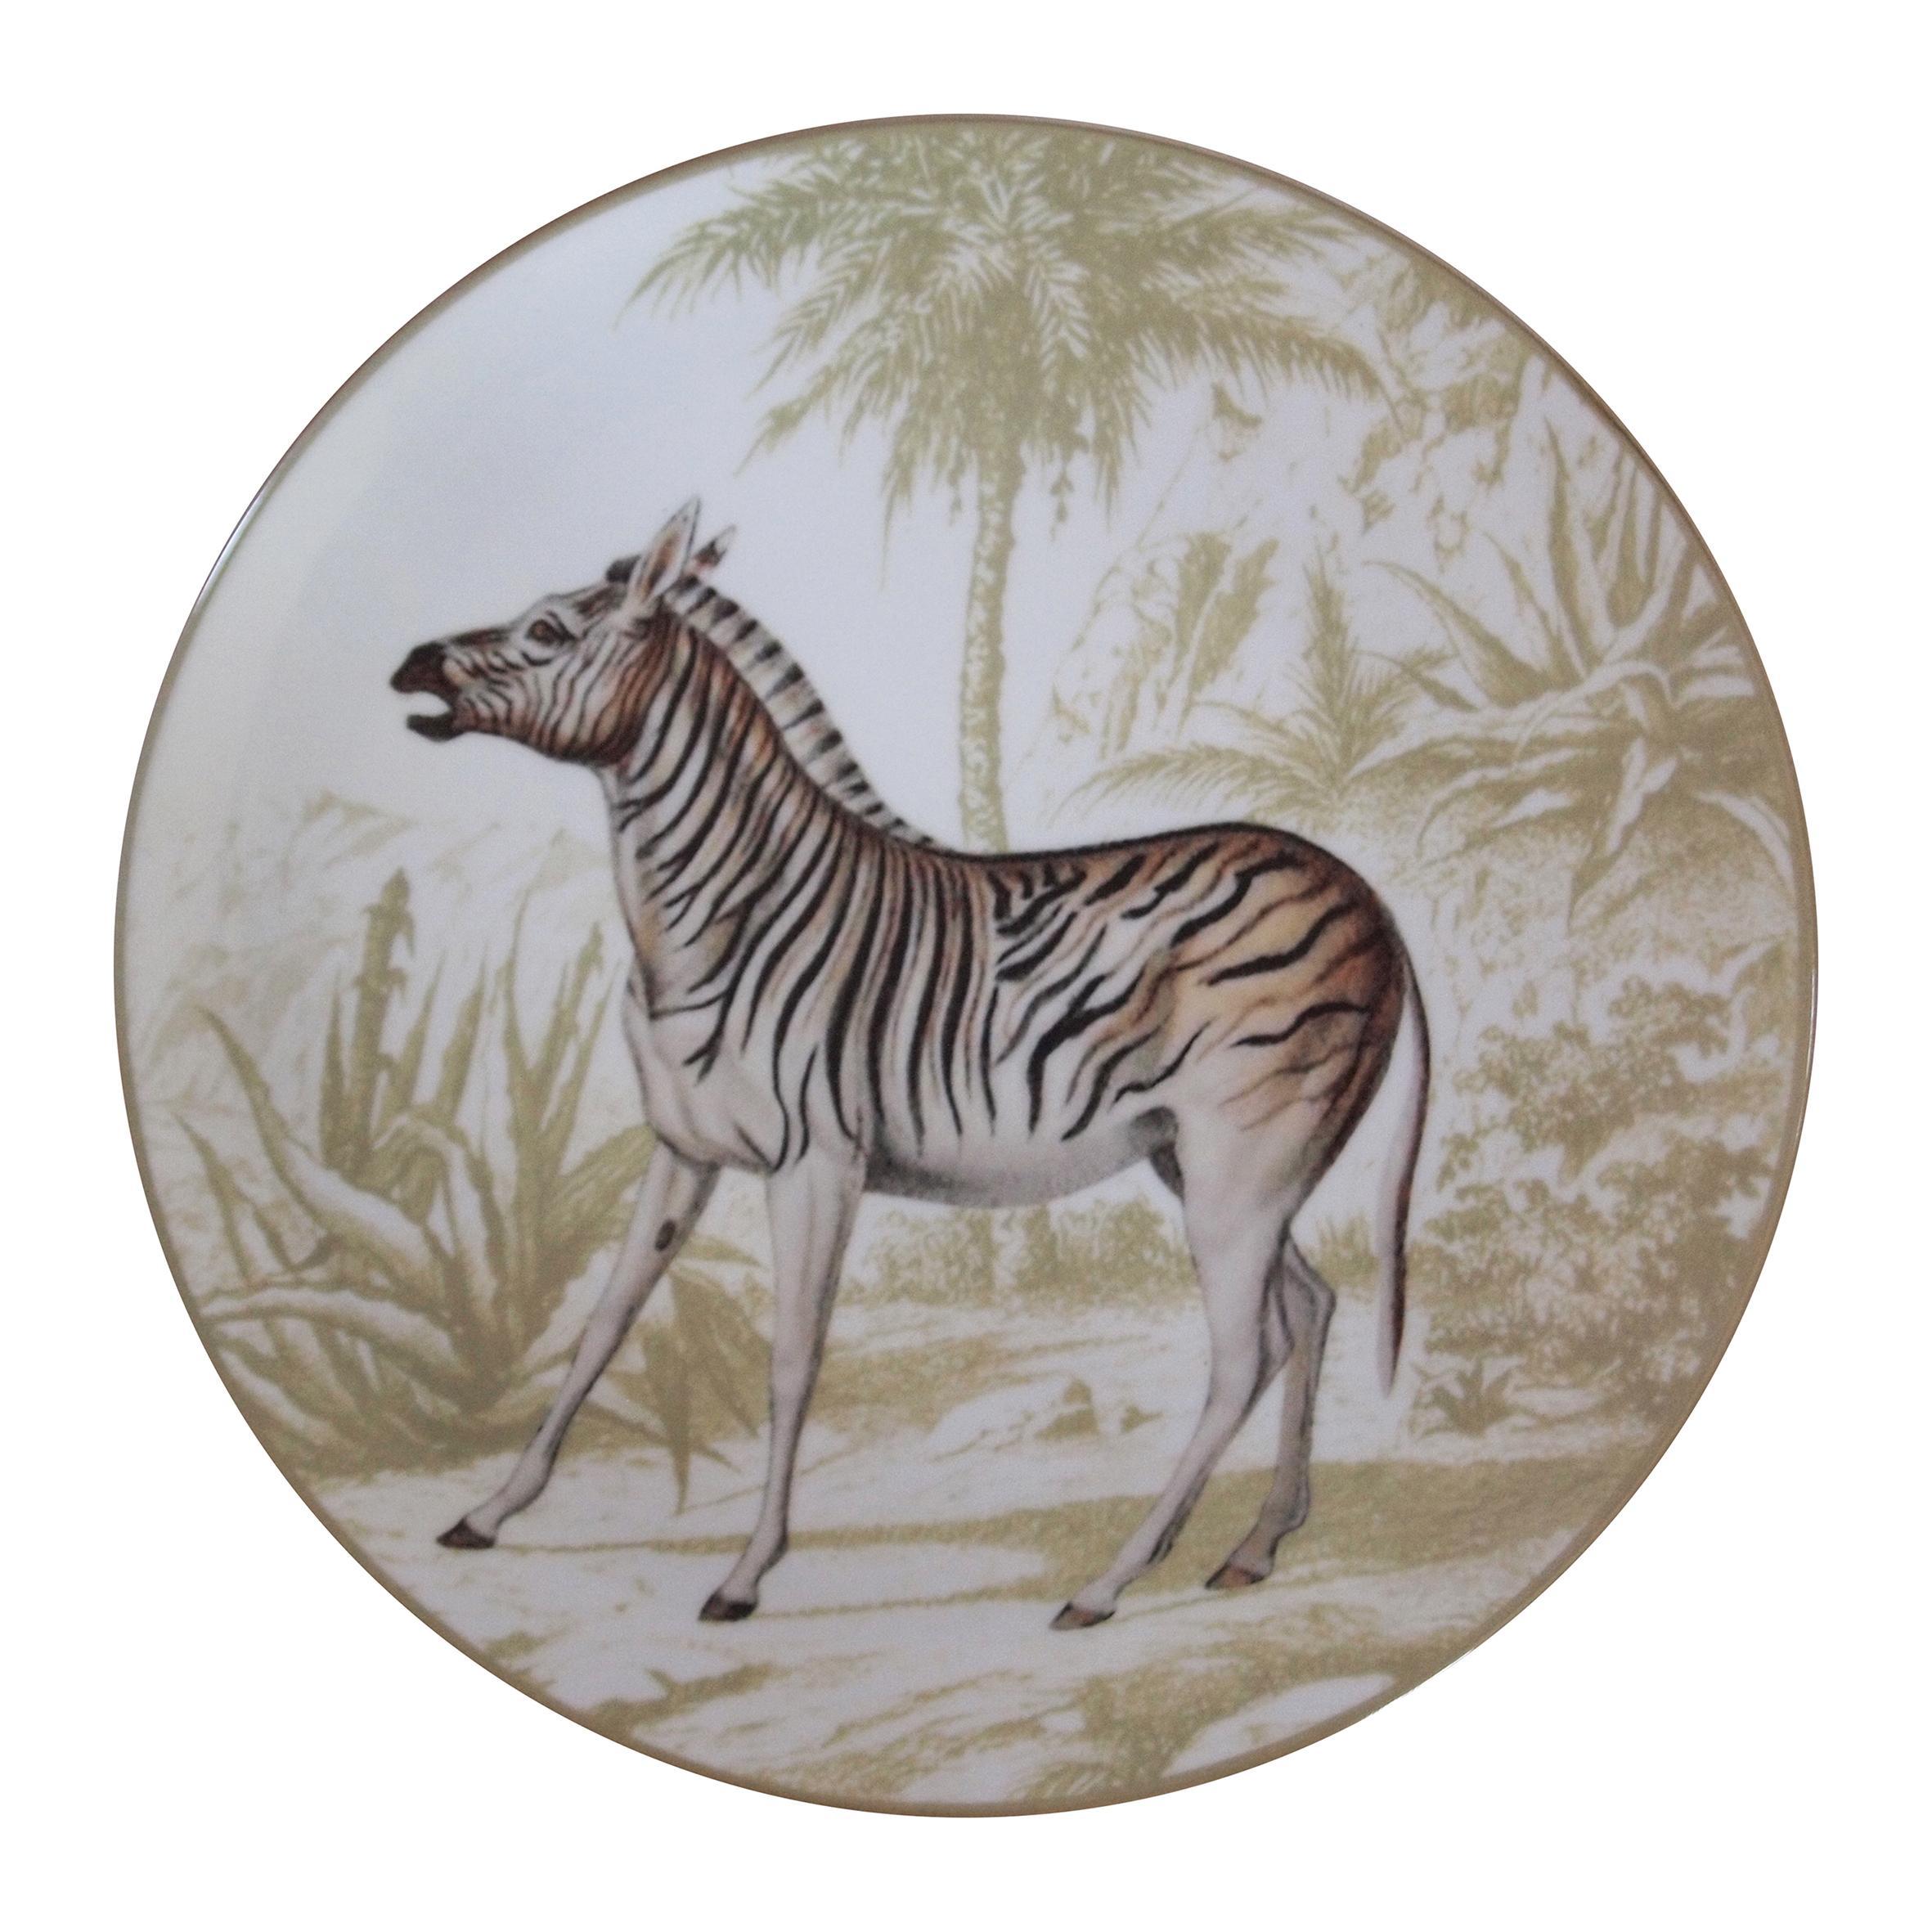 La Menagerie Ottomane Zebra Porcelaine Dinner Plate Handmade in Italy